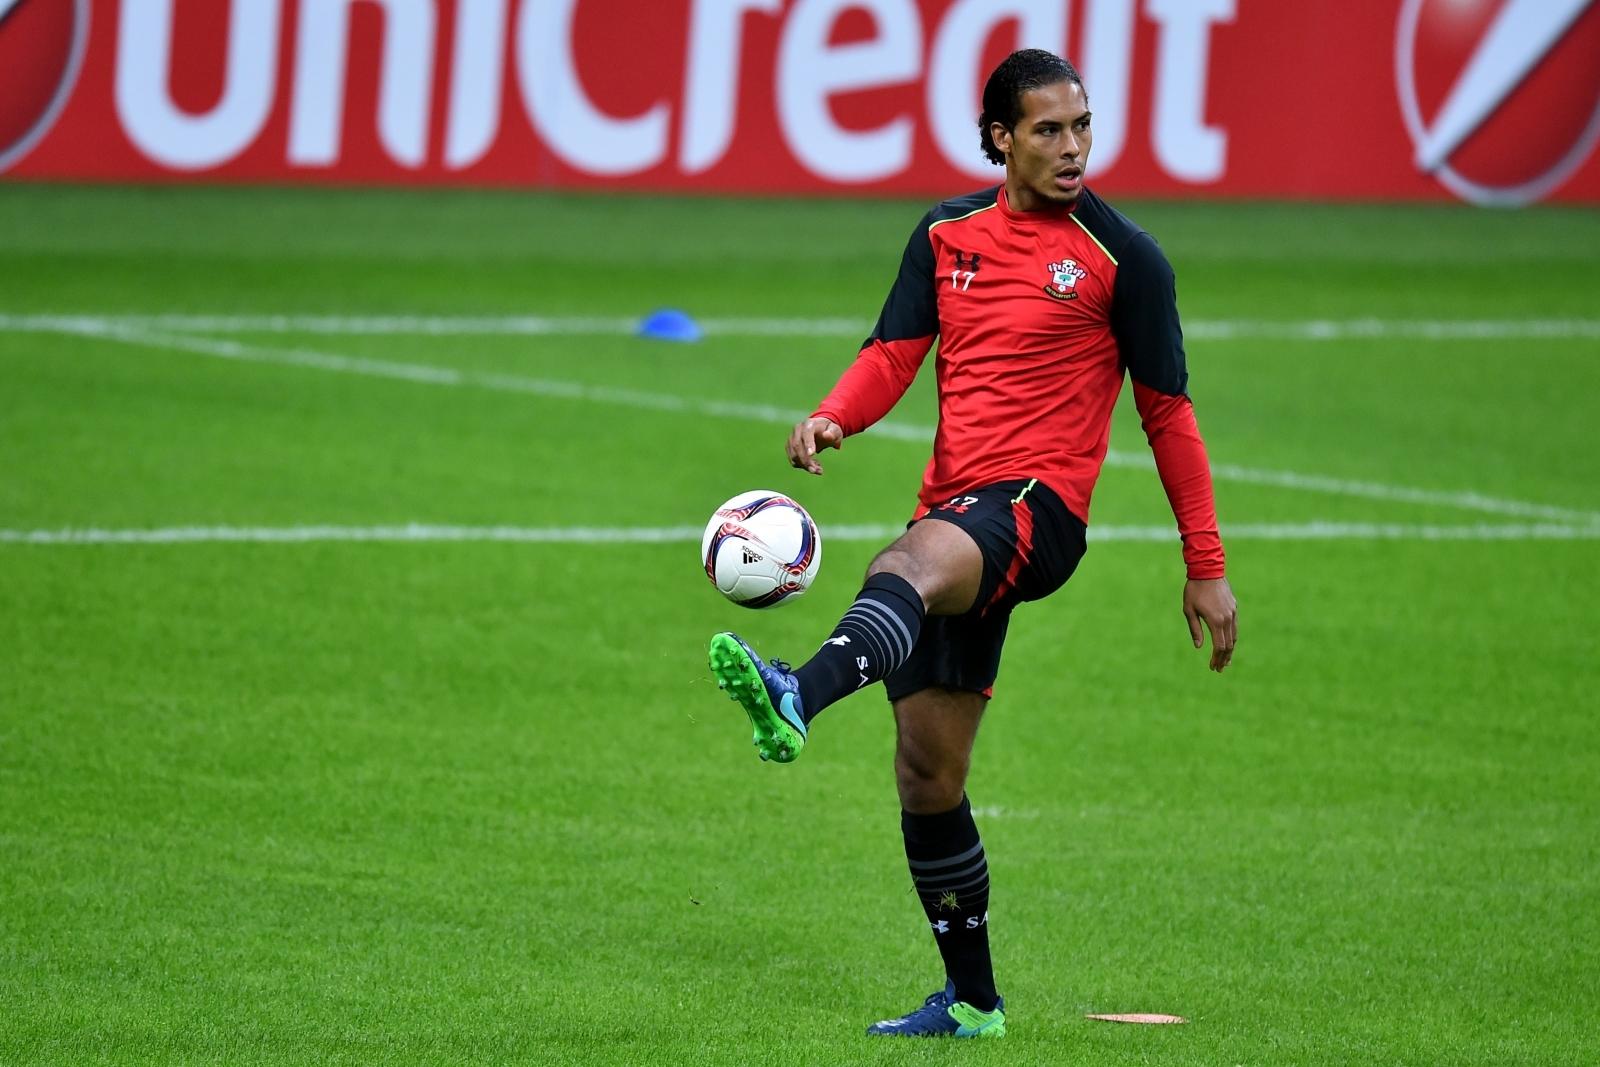 Liverpool, Arsenal target Van Dijk furiously demands Southampton sale